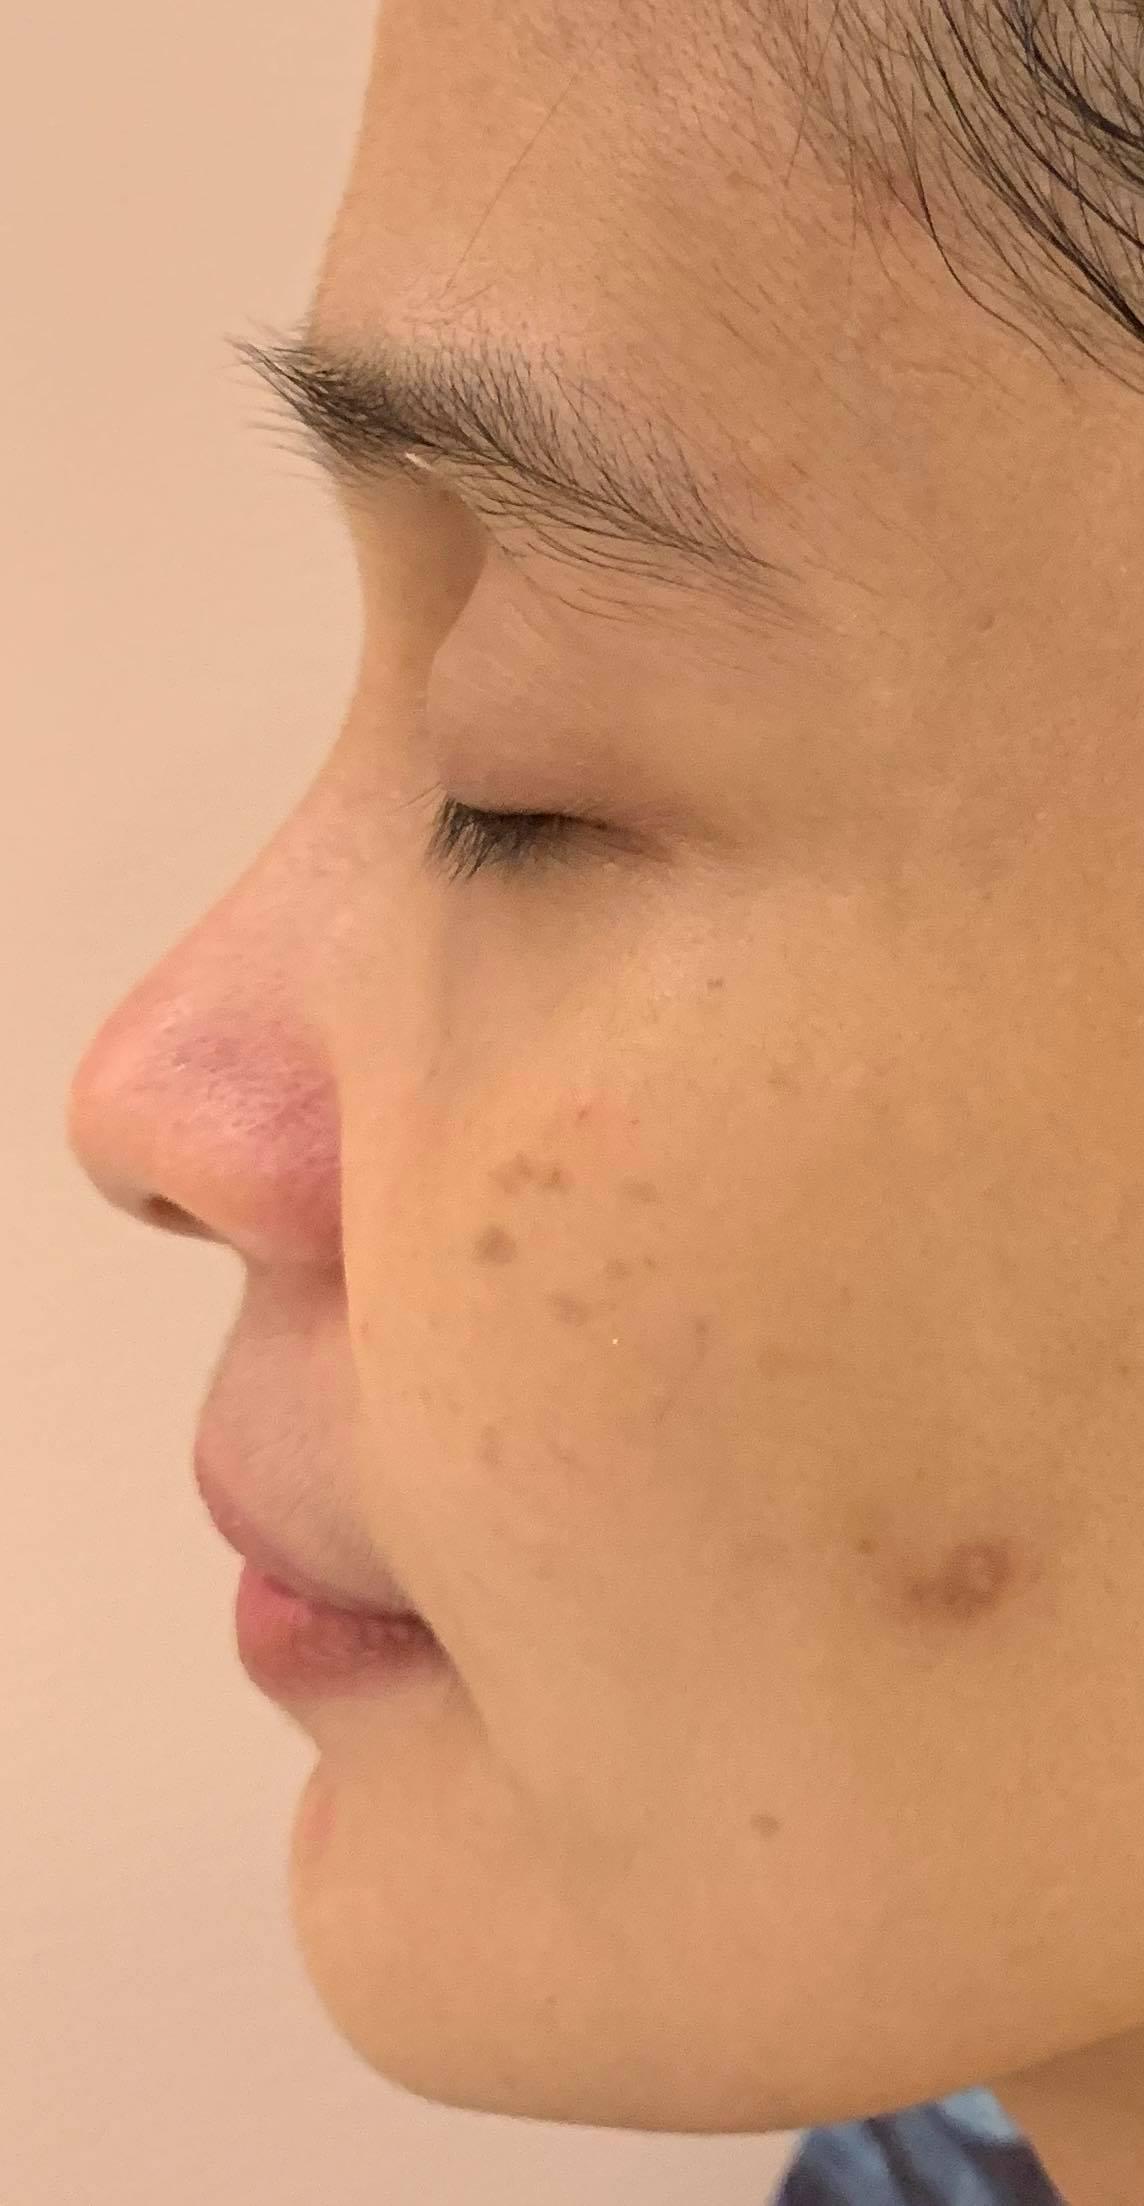 Stelton Dermascience treatment before